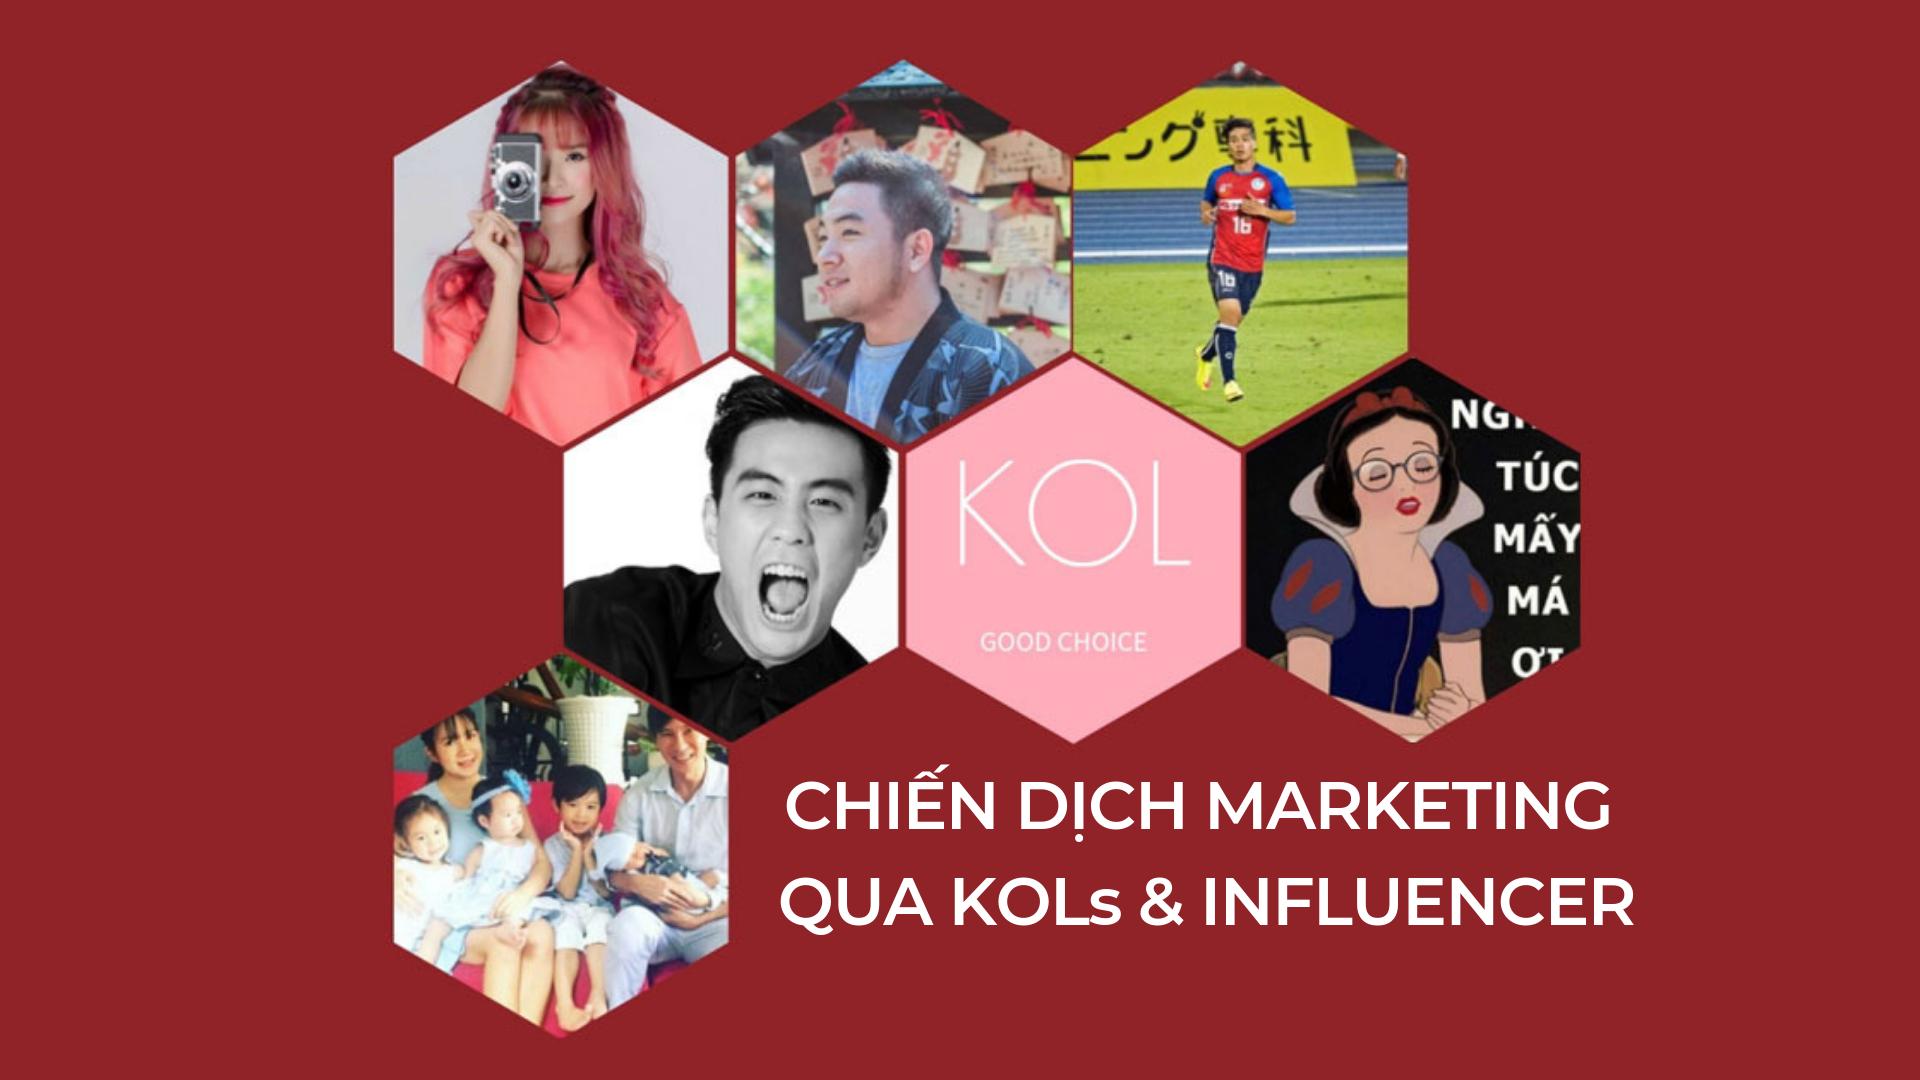 kols - Chia sẻ chiến lược marketing hiệu quả cho ngành làm đẹp